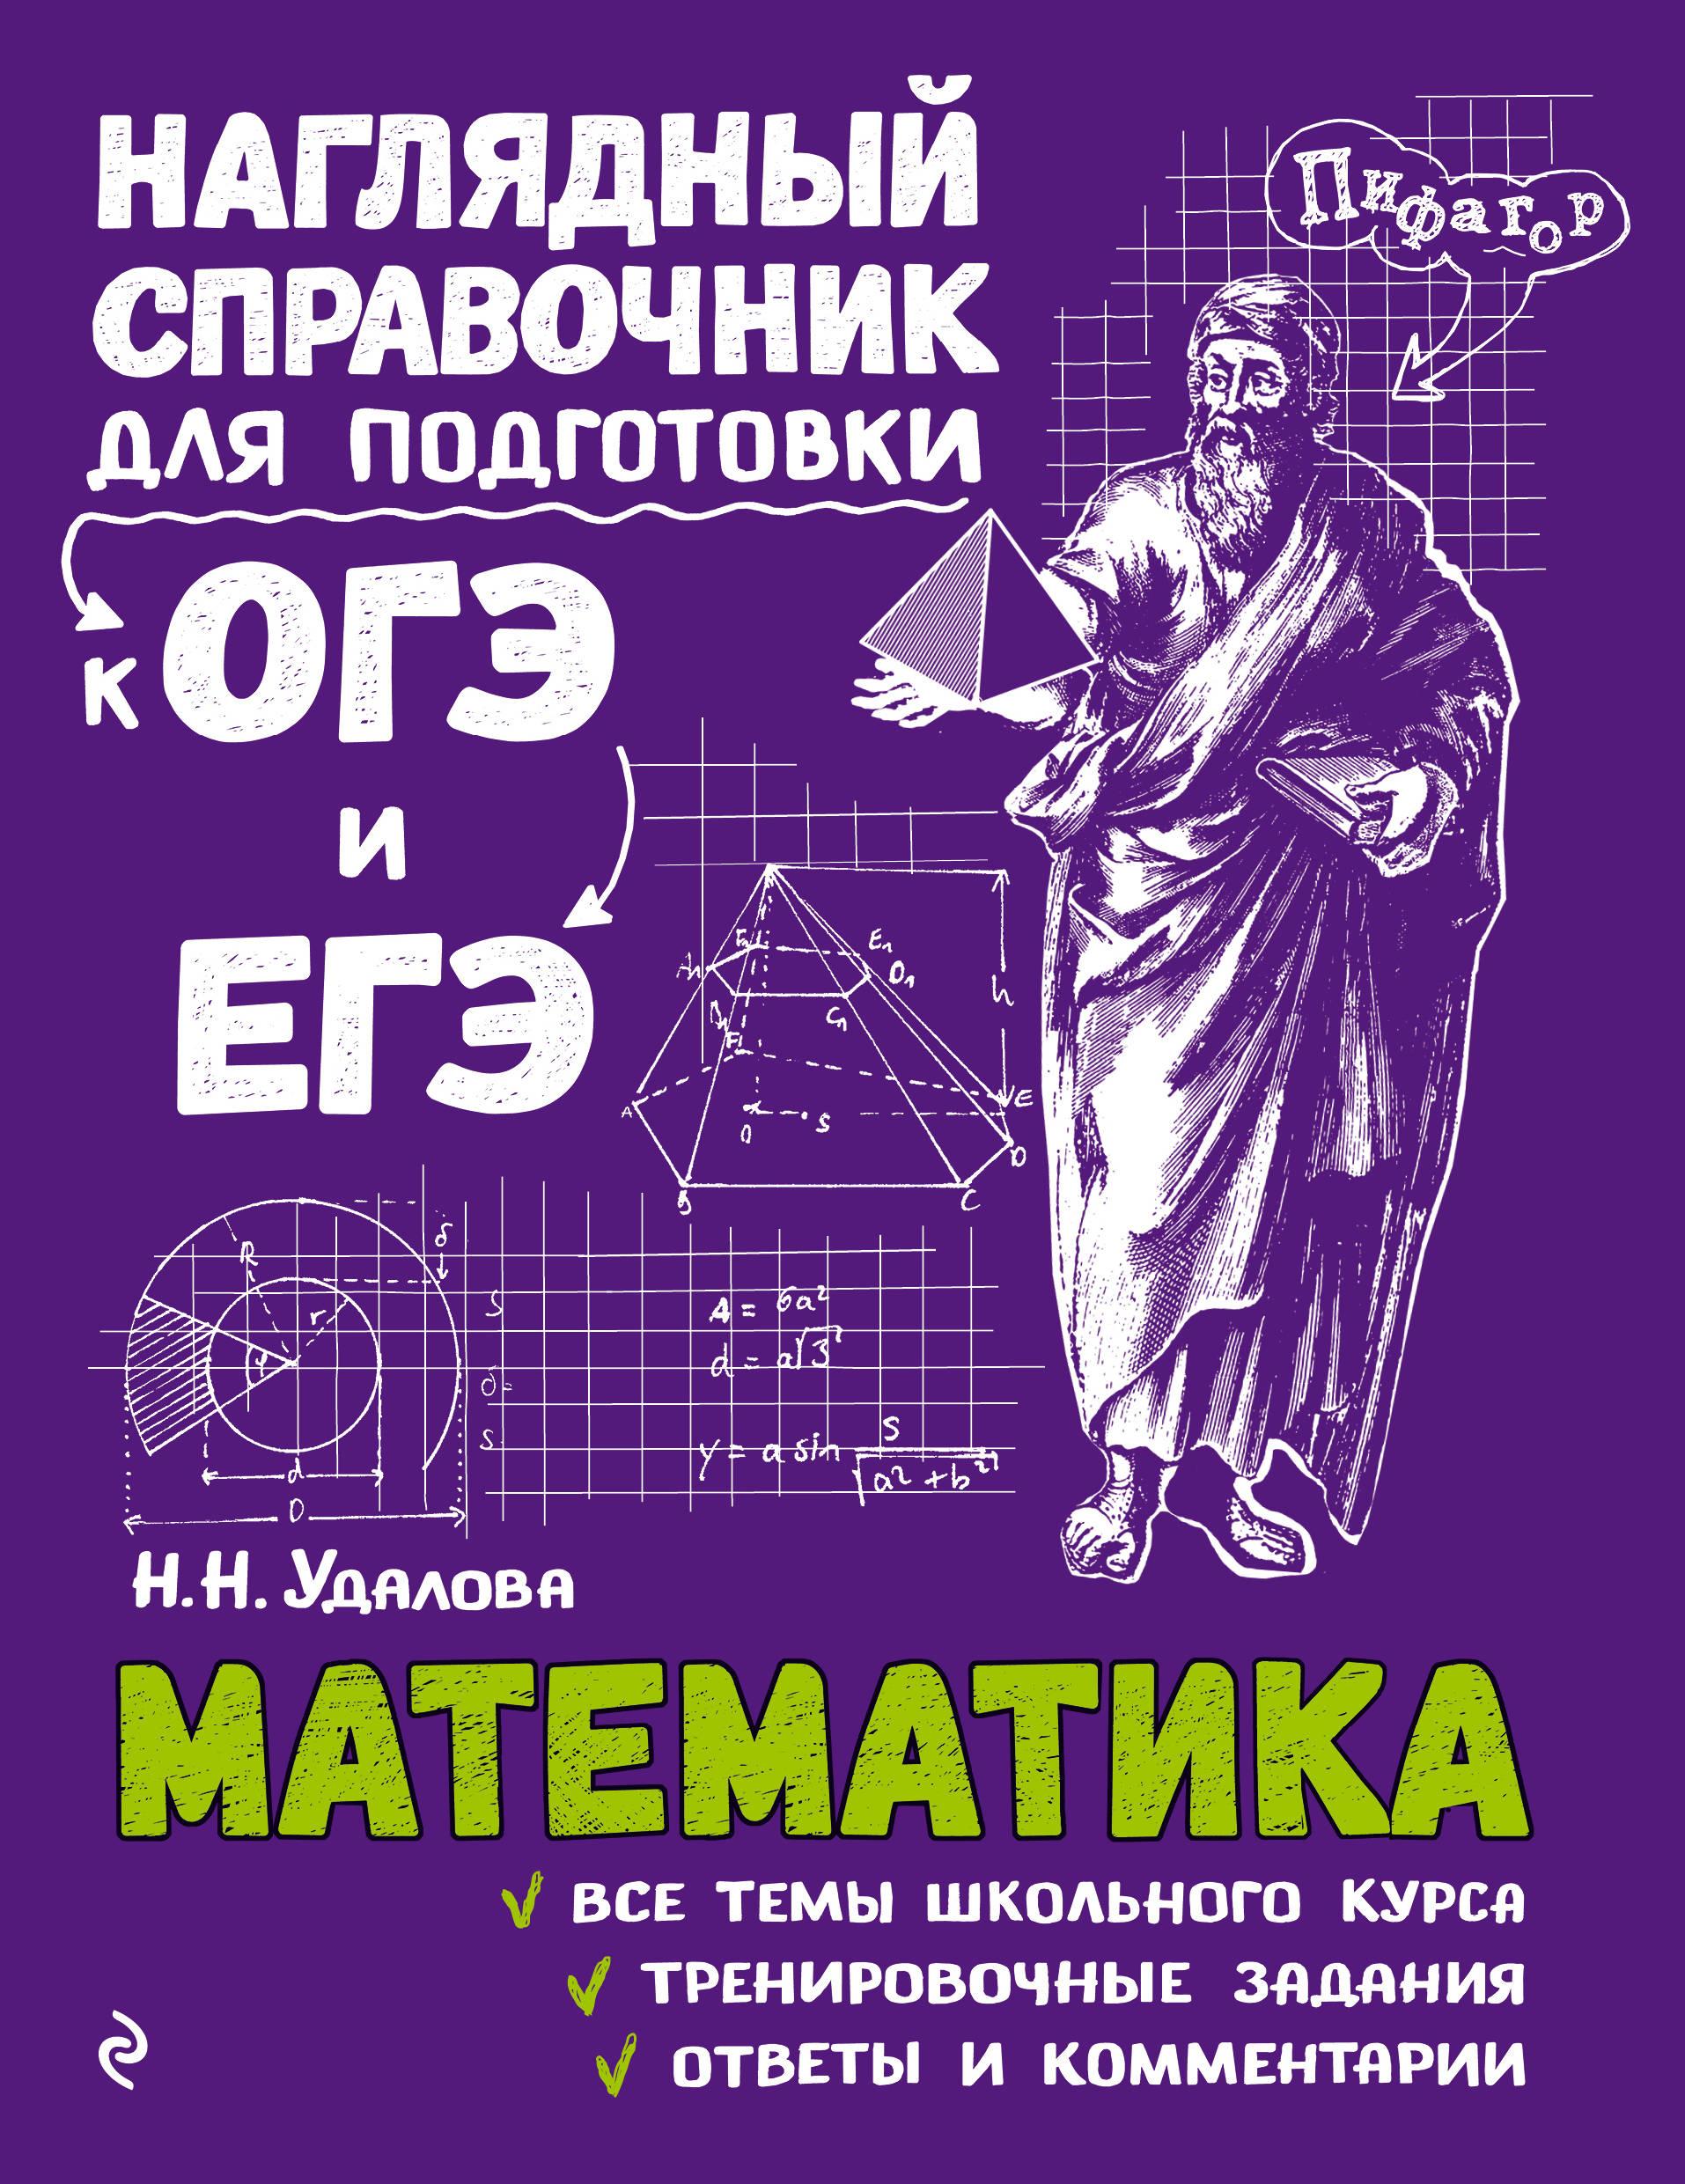 Н. Н. Удалова Математика. Наглядный справочник для подготовки к ОГЭ и ЕГЭ